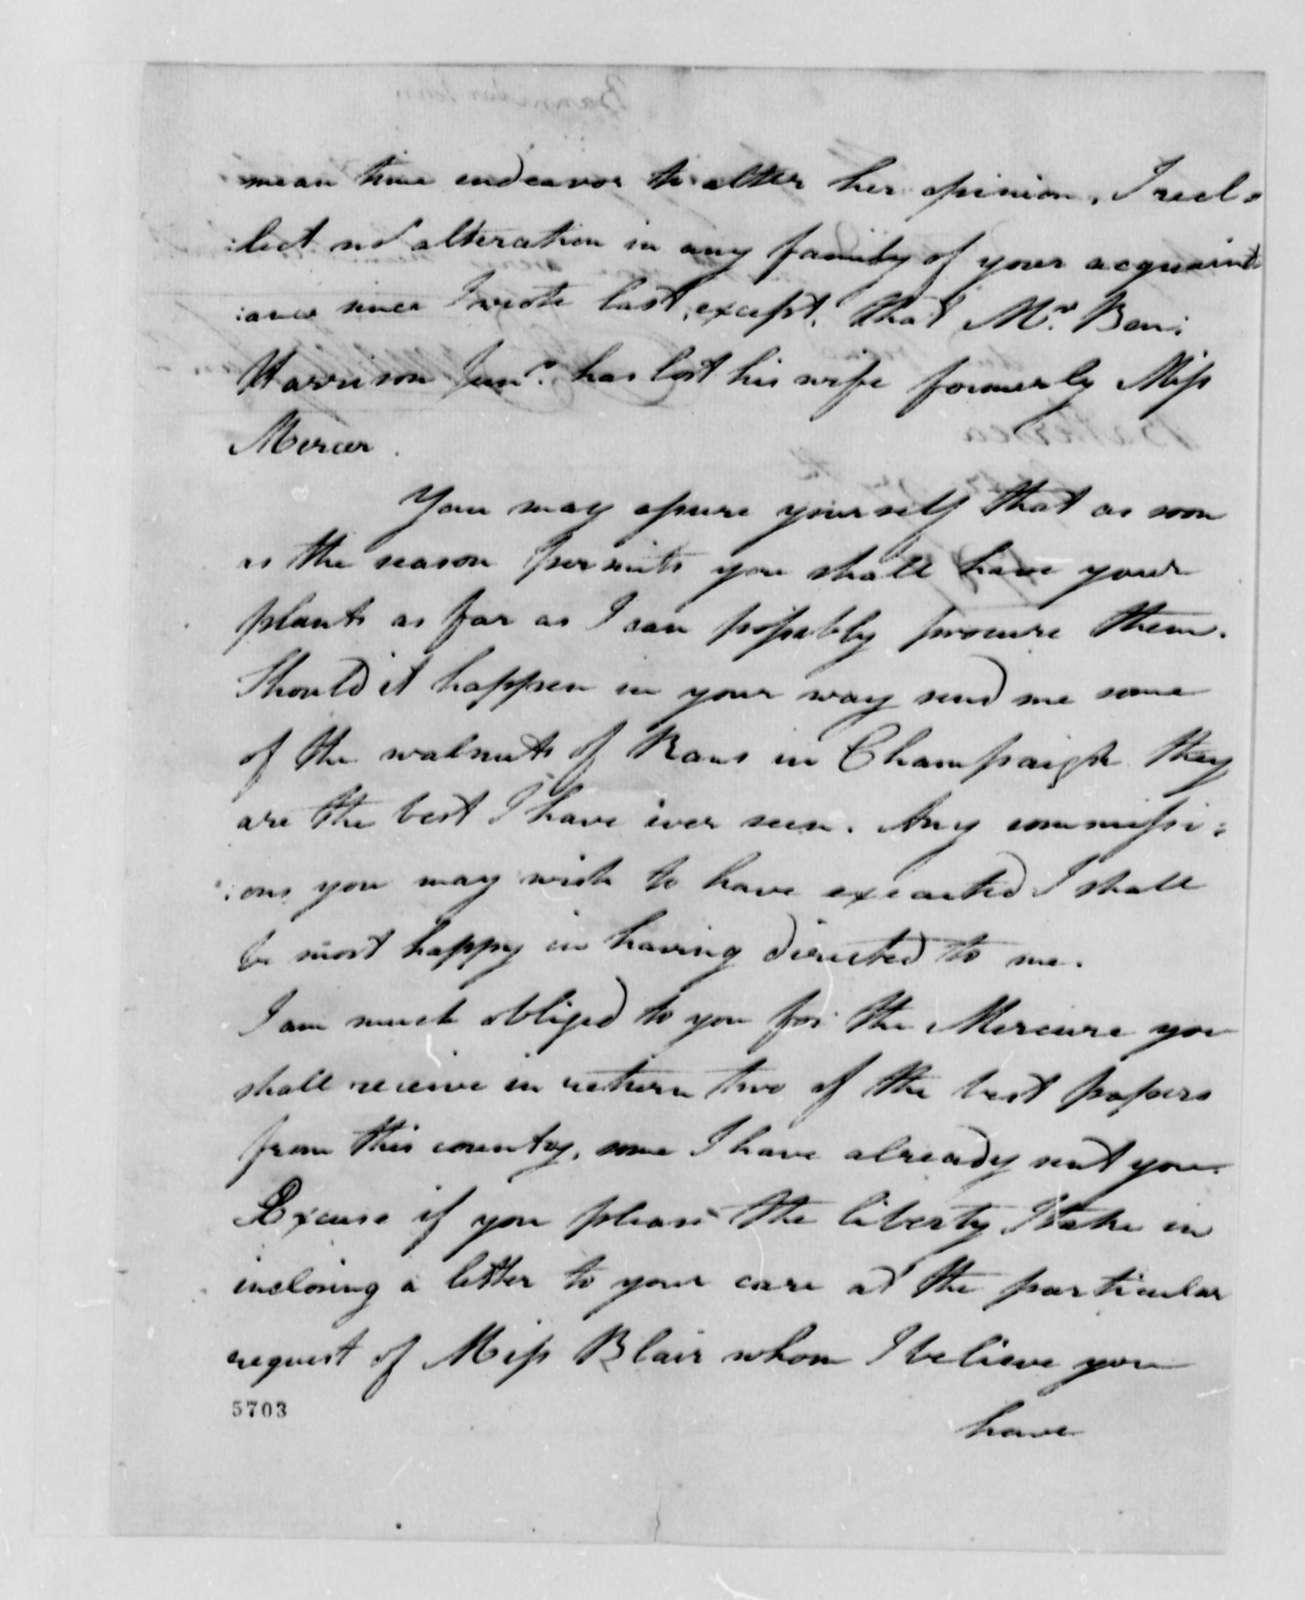 John Banister Jr. to Thomas Jefferson, September 27, 1787